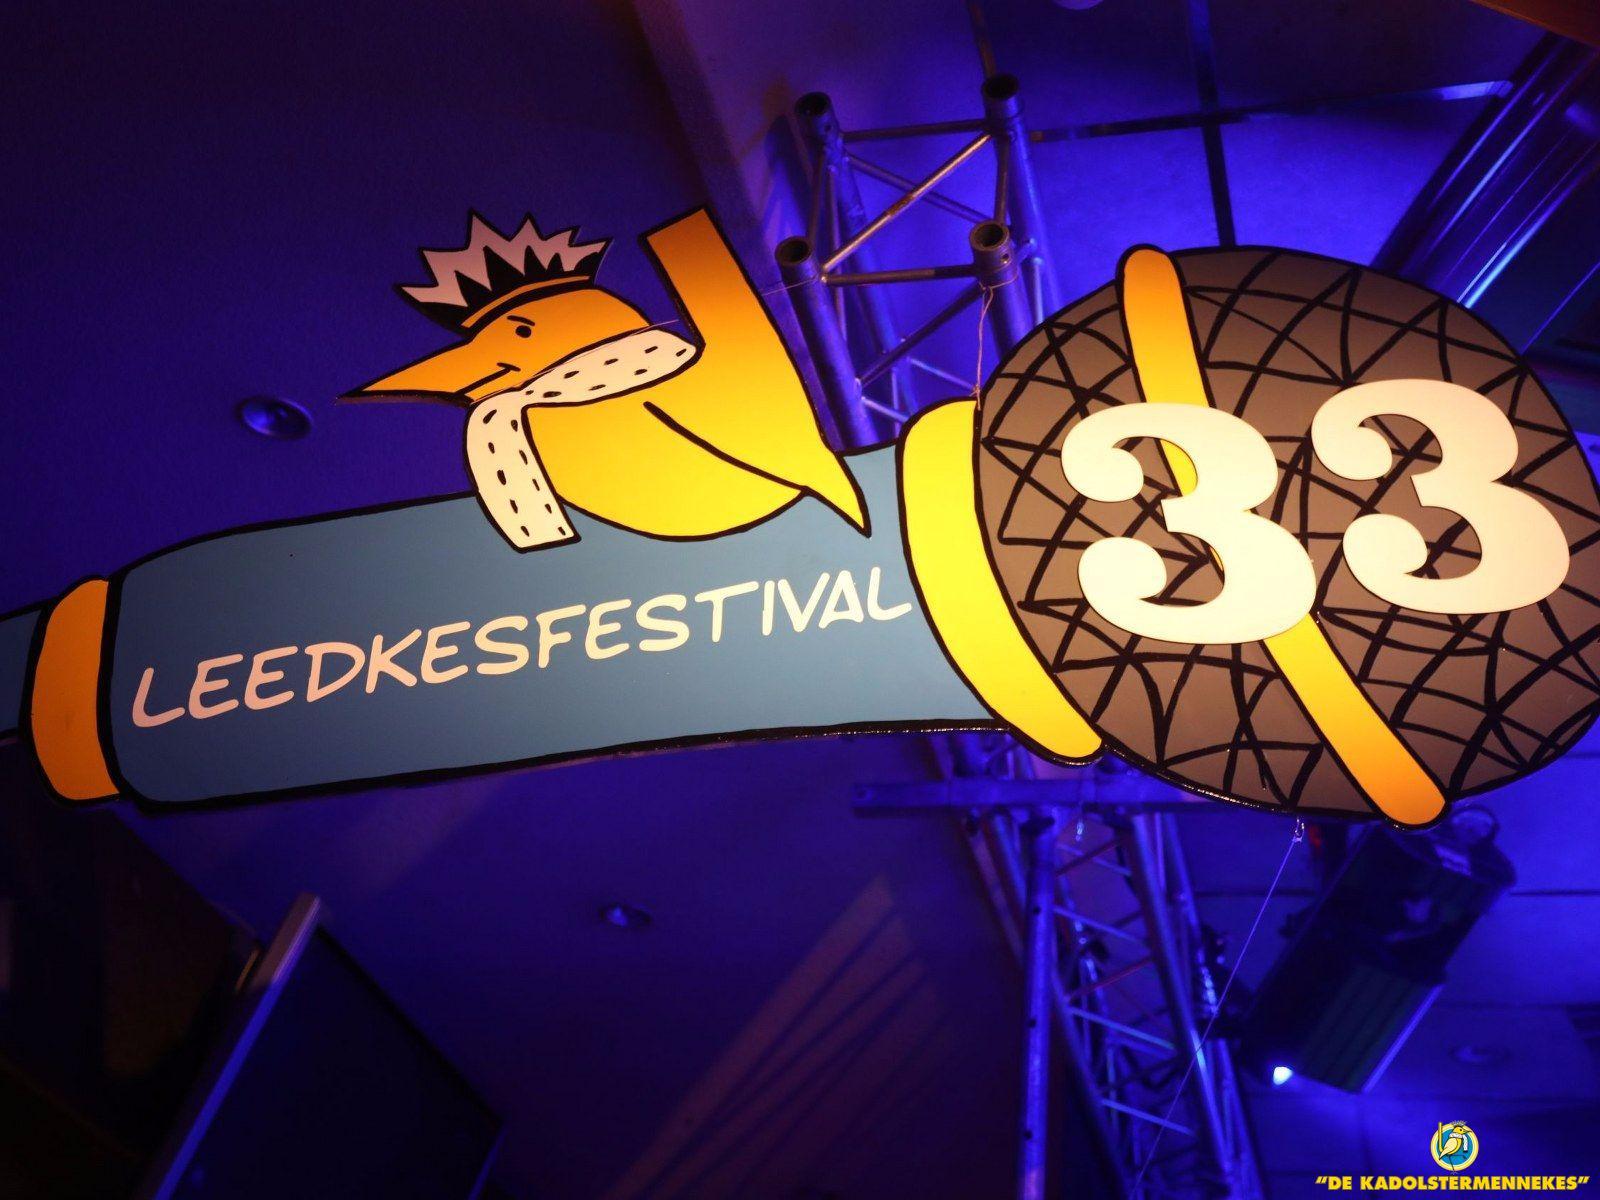 Leedkesfestival inschrijfformulier voor deelnemers